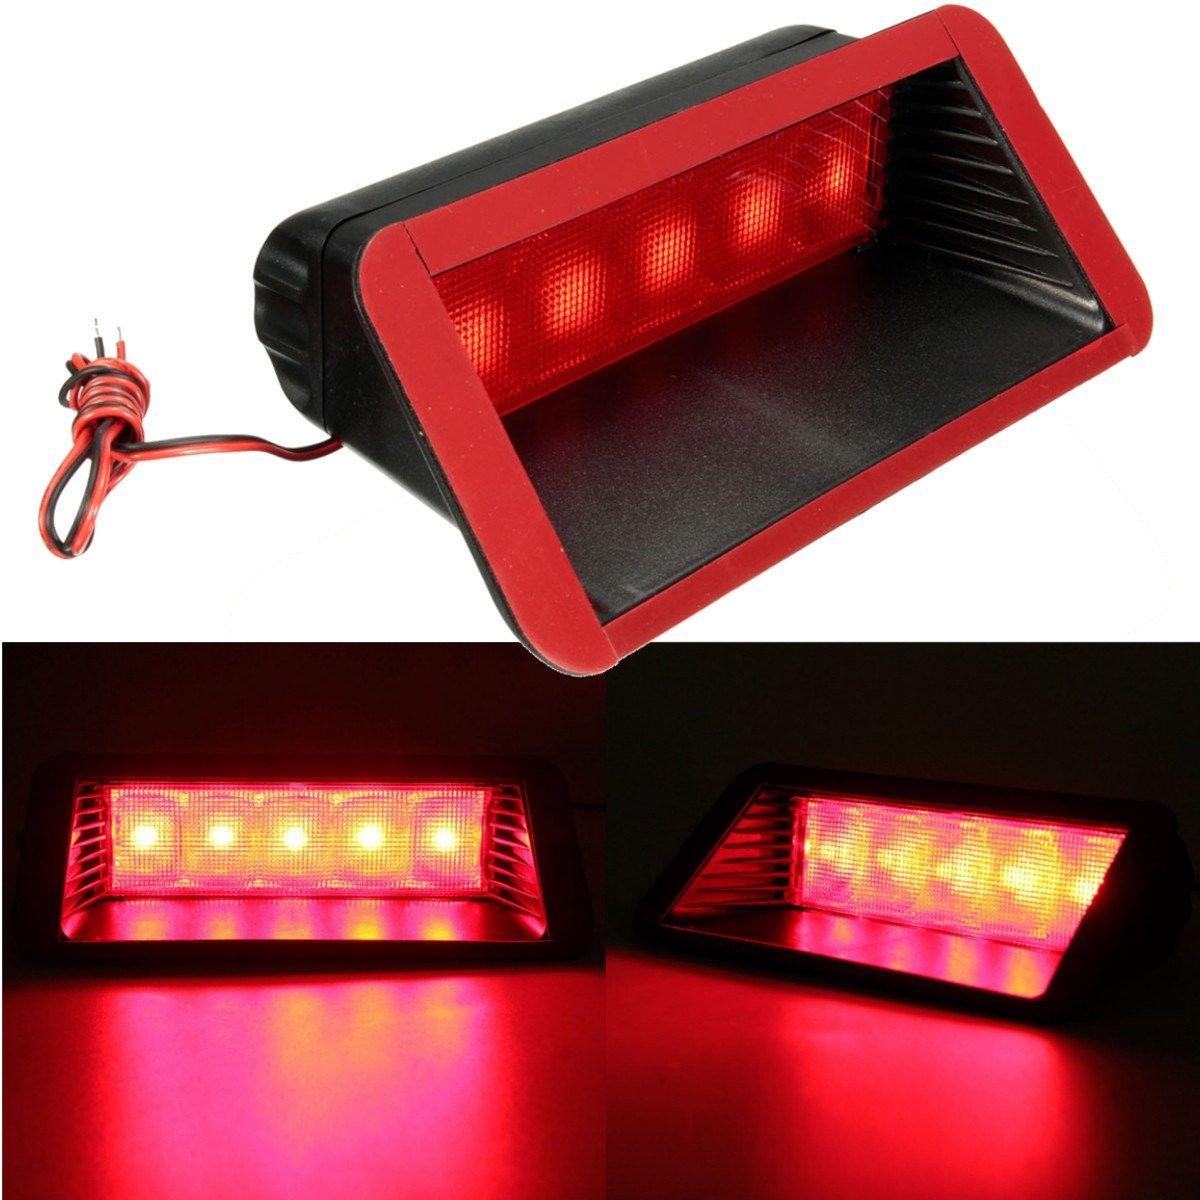 Универсальный 12 В автомобиля 5 светодиодный Предупреждение сзади хвост 3rd стоп противотуманных фар высокая гора лампы красный